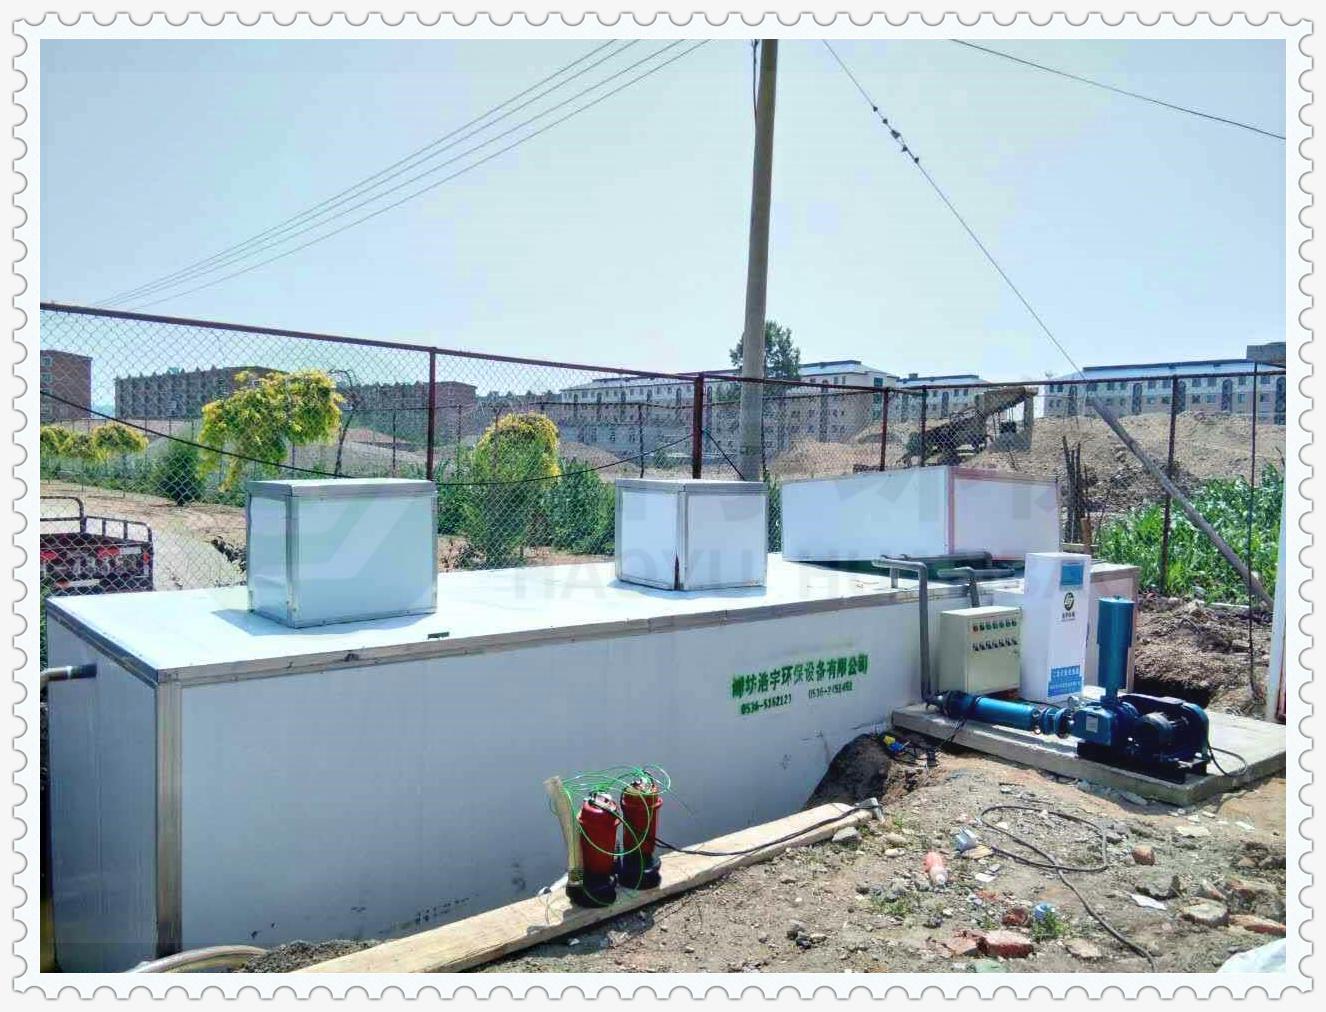 工业洗衣房洗涤污水处理设备 <br> 全新  价格:18888 <br> <img src=http://k.kqzp.cn/img/up/img/5f23cf494d5d0.jpg